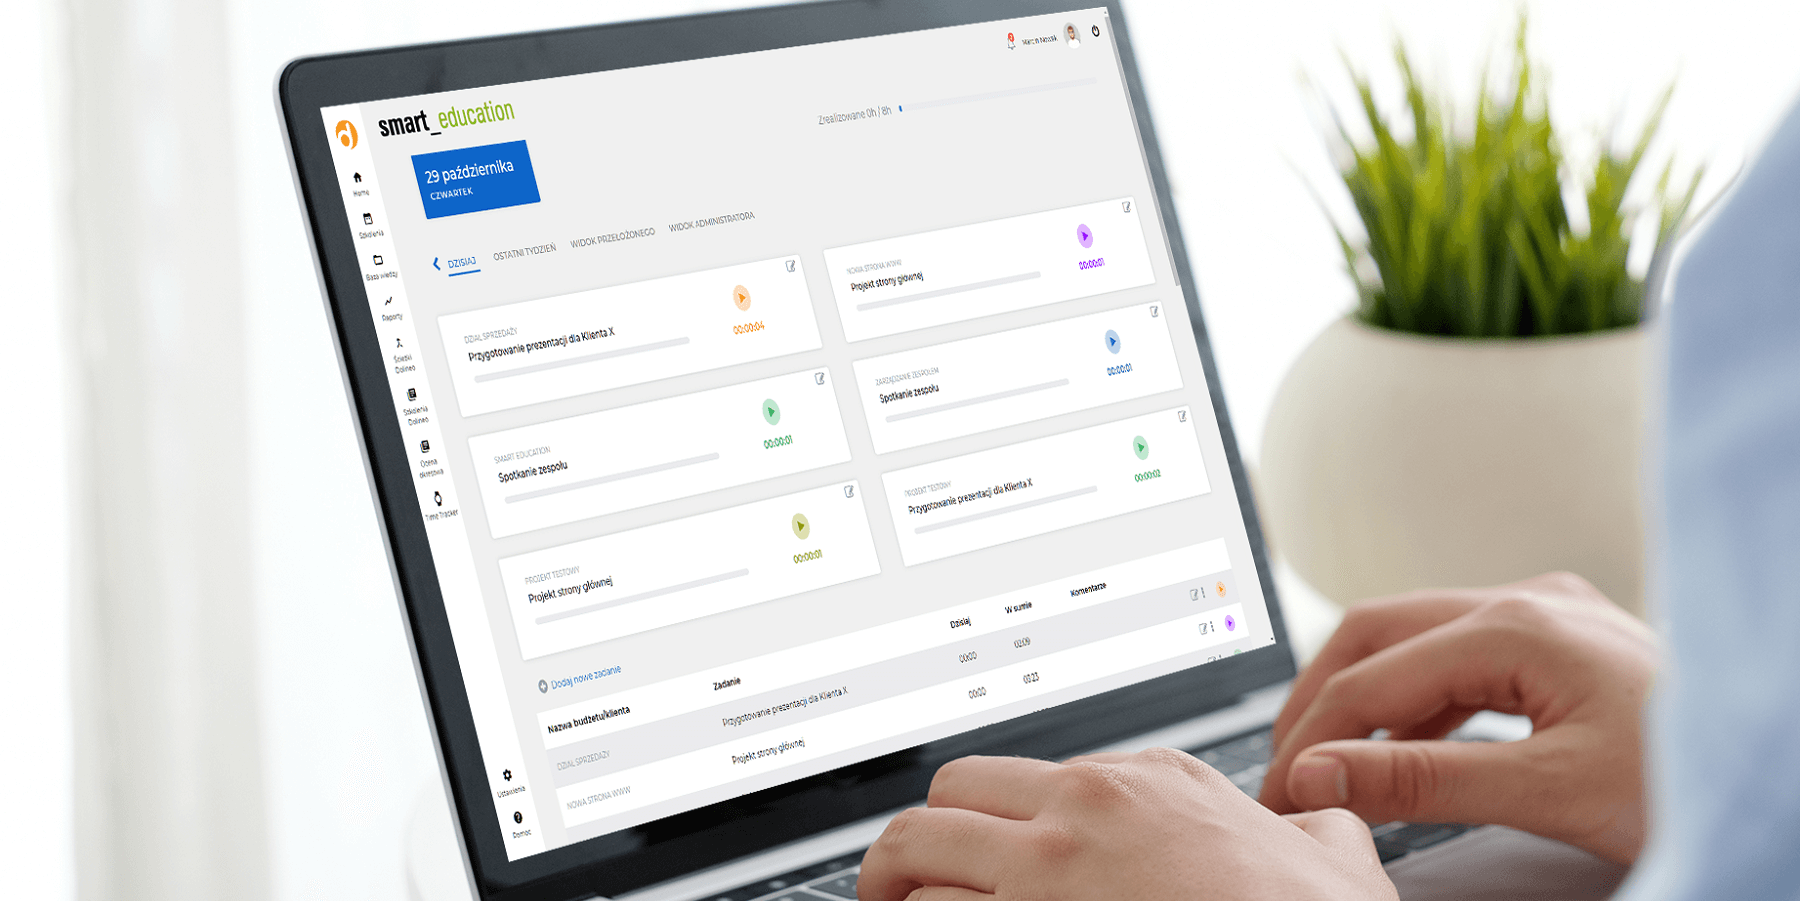 Aplikacja time tracker - monitoruj czym zajmują się pracownicy, śledź postępy w realizacji zadań, rozliczaj czas pracy